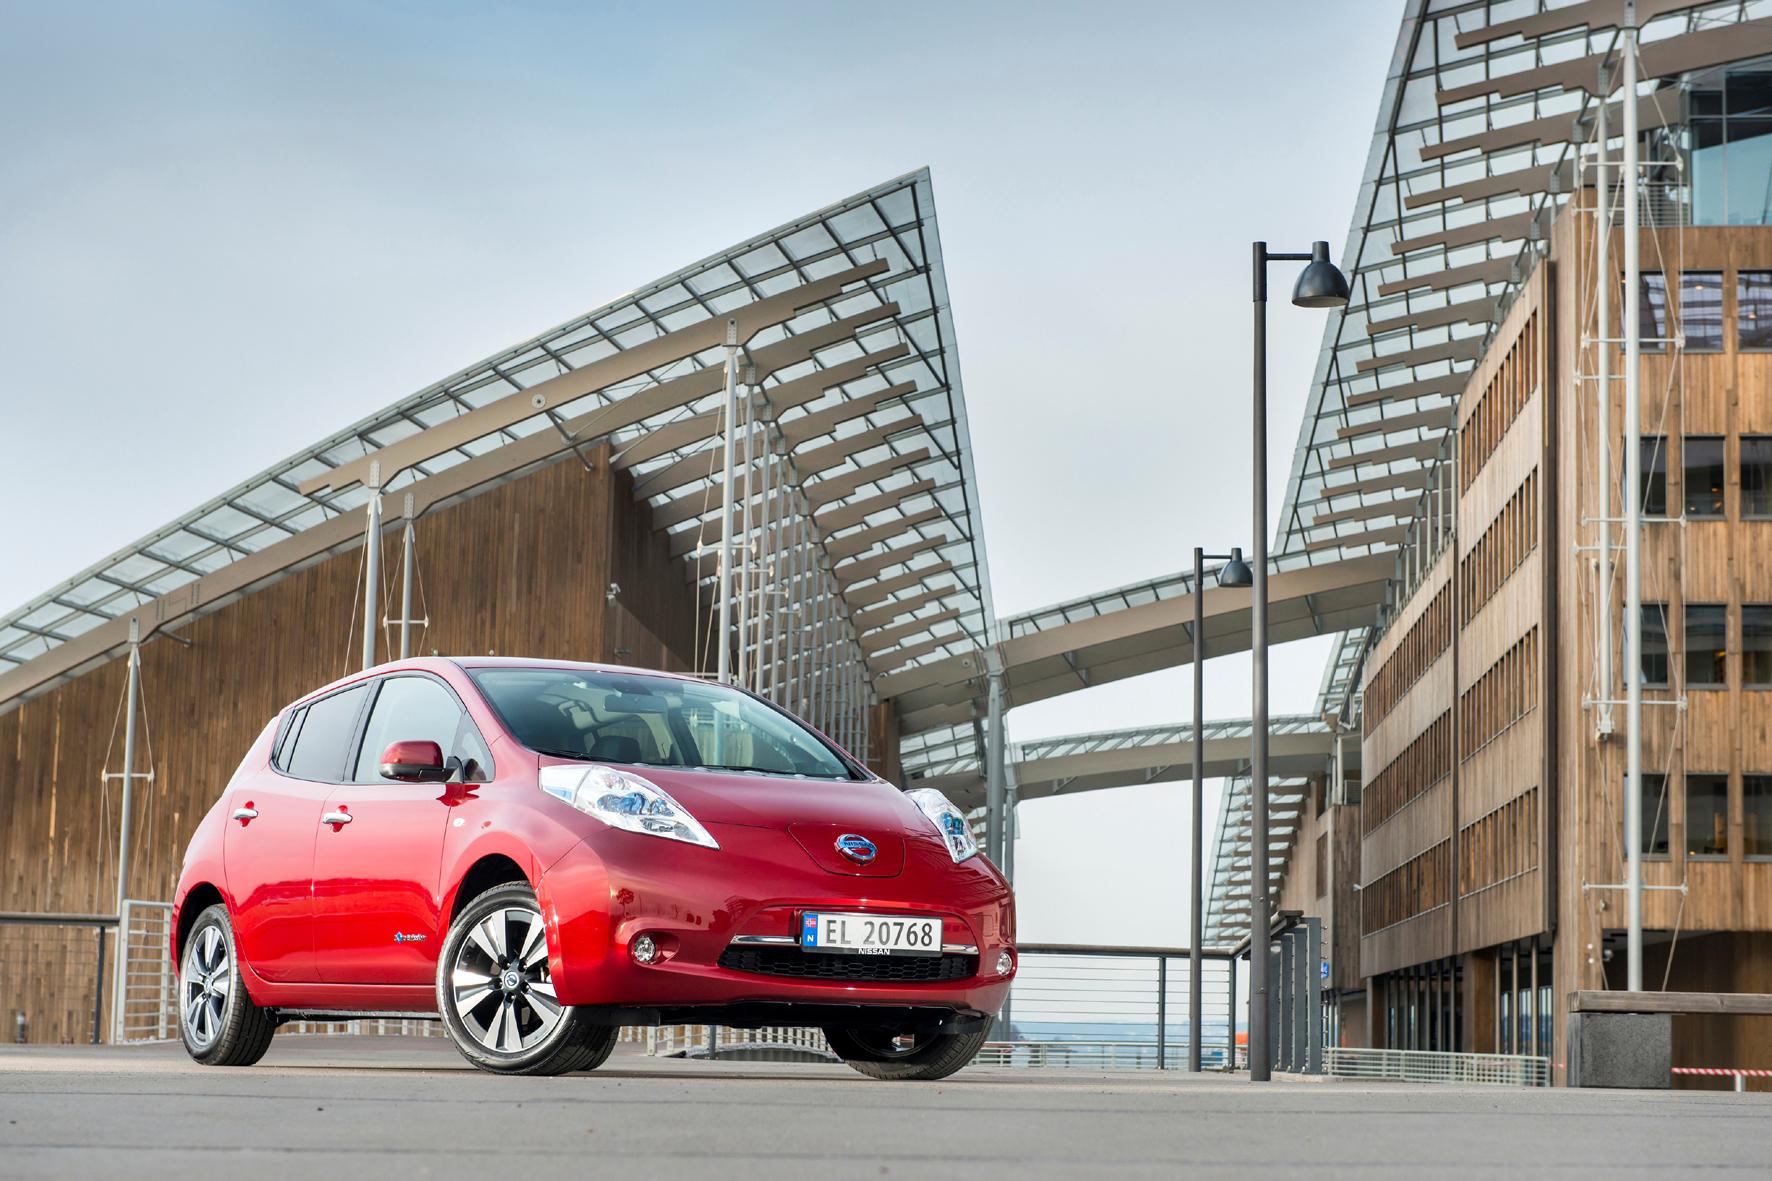 mid Düsseldorf - Ein Elektro-Auto wie der Nissan Leaf muss viel und mit grüner Energie gefahren werden, um einen echten Beitrag für die Umwelt zu leisten.